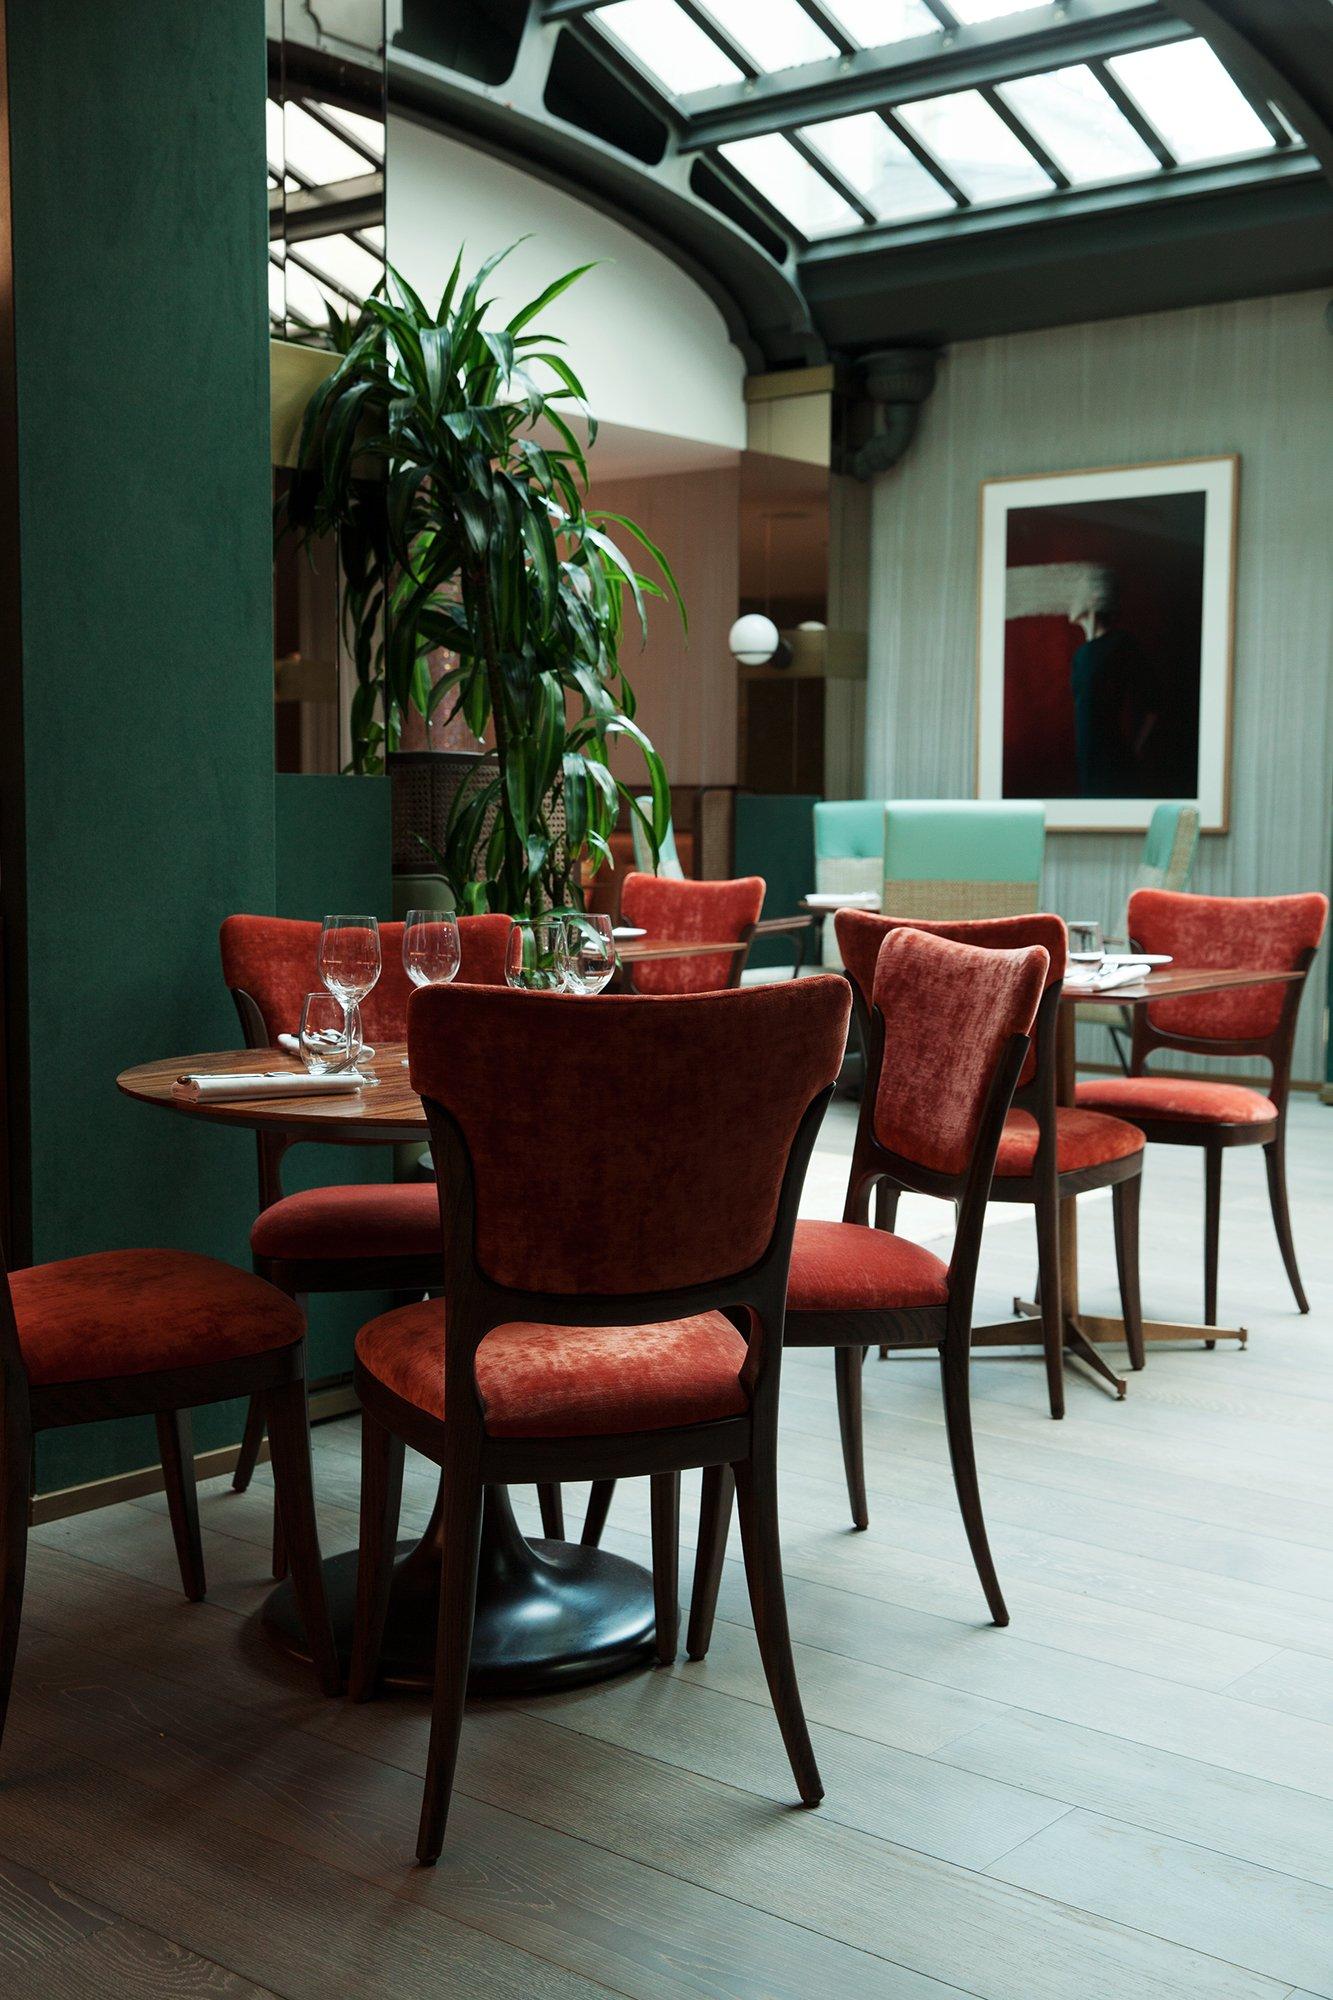 maison br guet le luxe de se sentir chez soi the. Black Bedroom Furniture Sets. Home Design Ideas